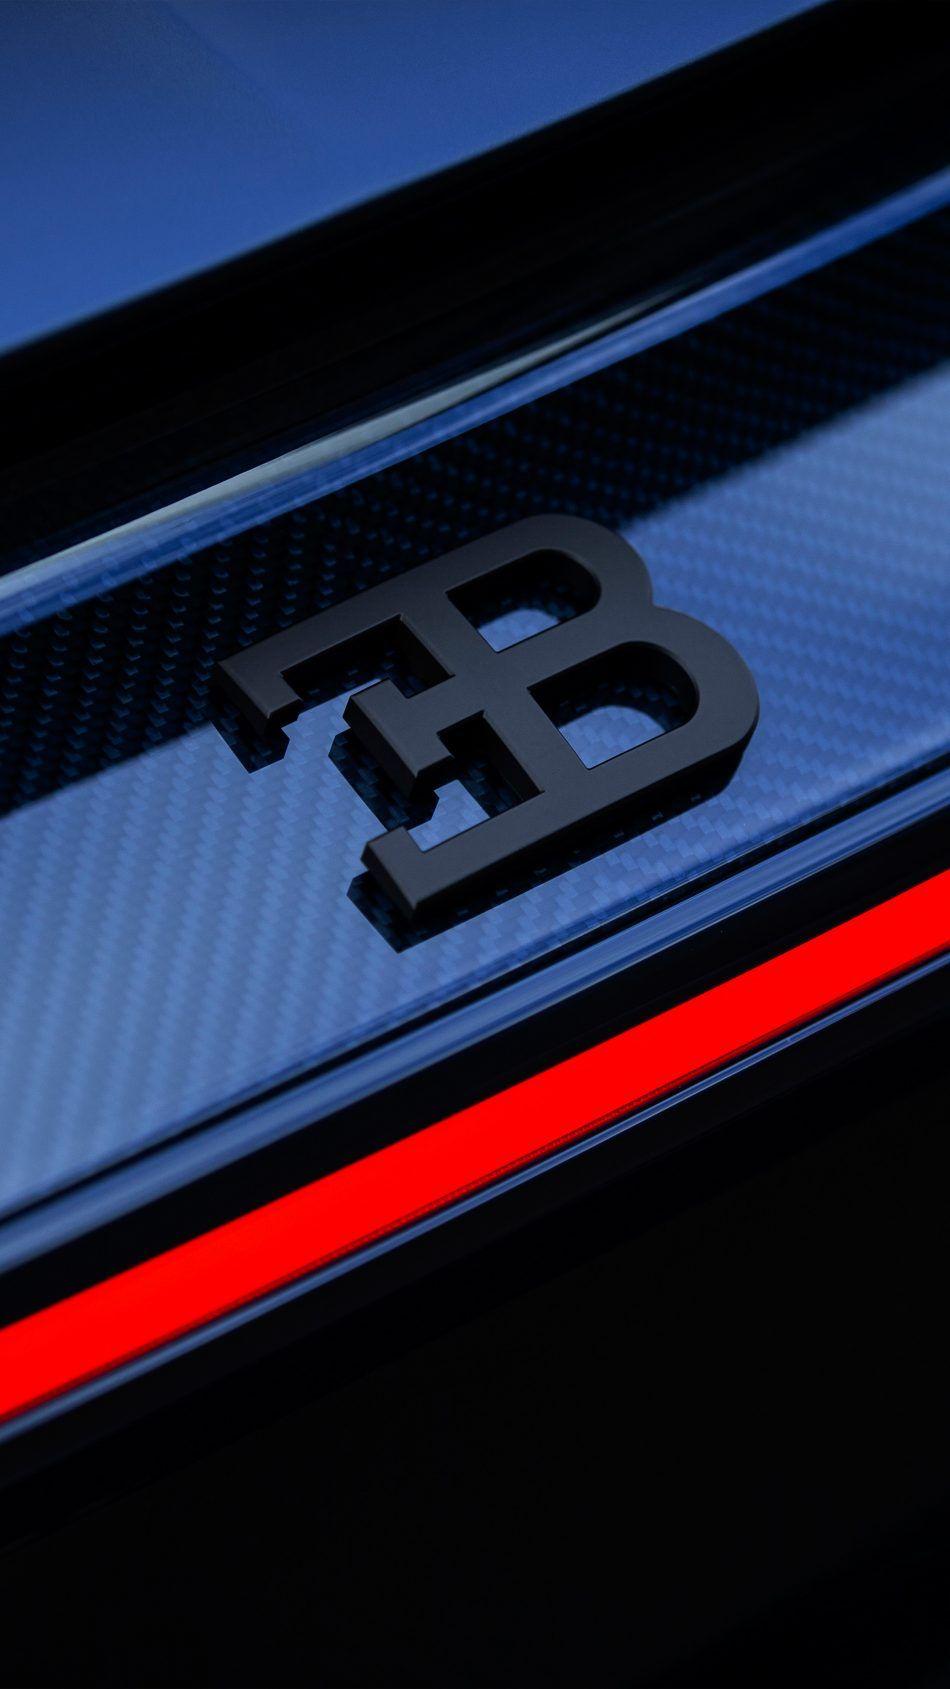 Bugatti Logo 4k Ultra Hd Mobile Wallpaper Bugatti Logo Bugatti Wallpapers Bugatti